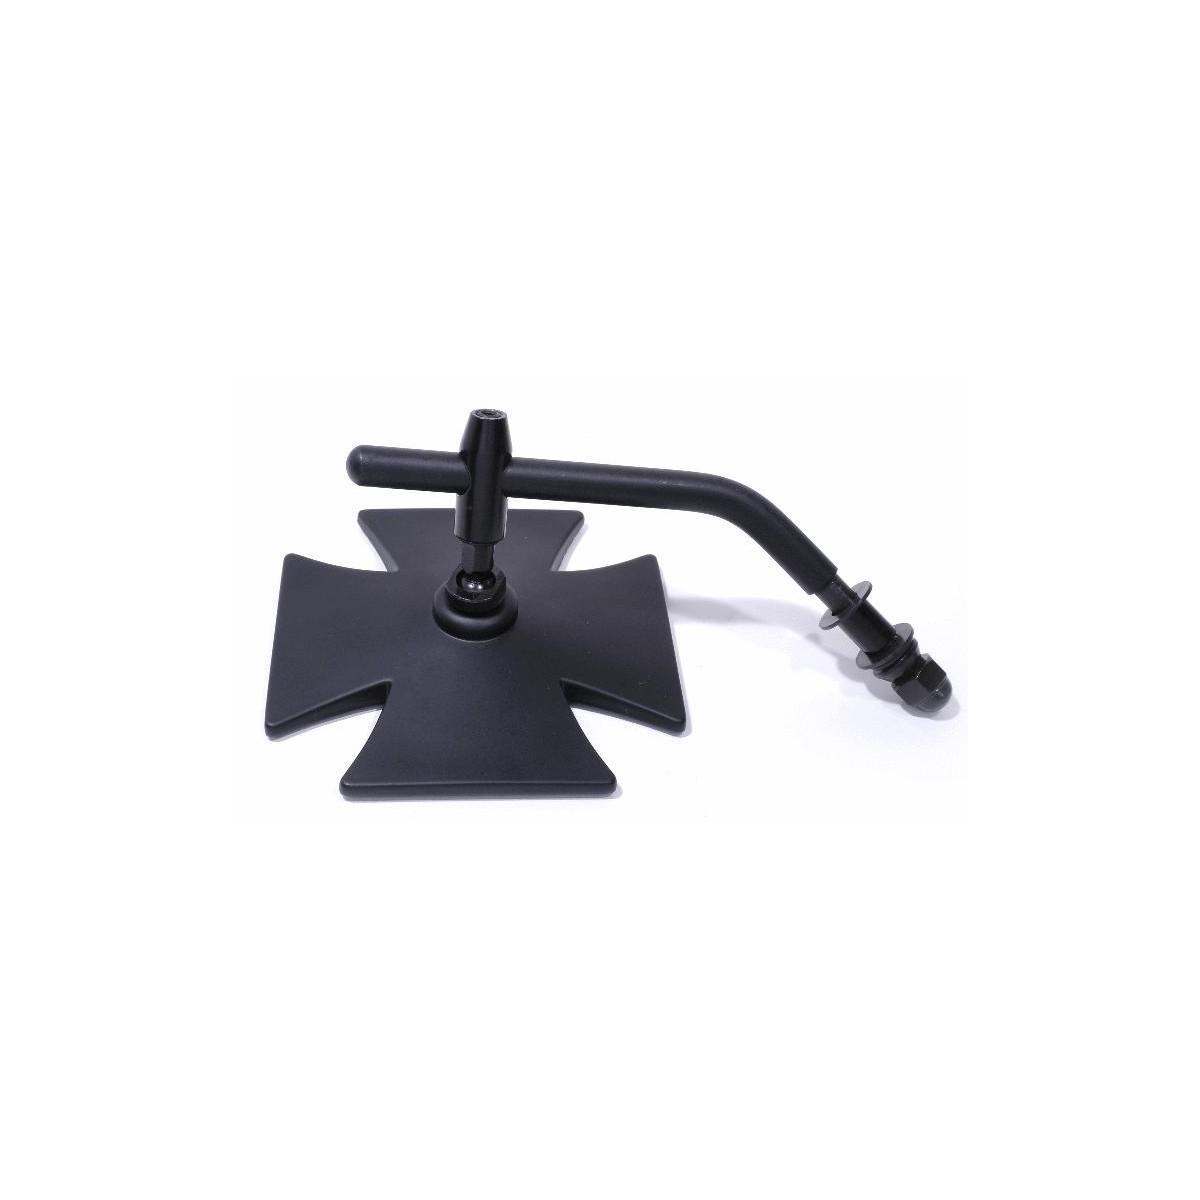 spiegel eisernes kreuz h d schwarz harley davidson motorrad zubeh r. Black Bedroom Furniture Sets. Home Design Ideas